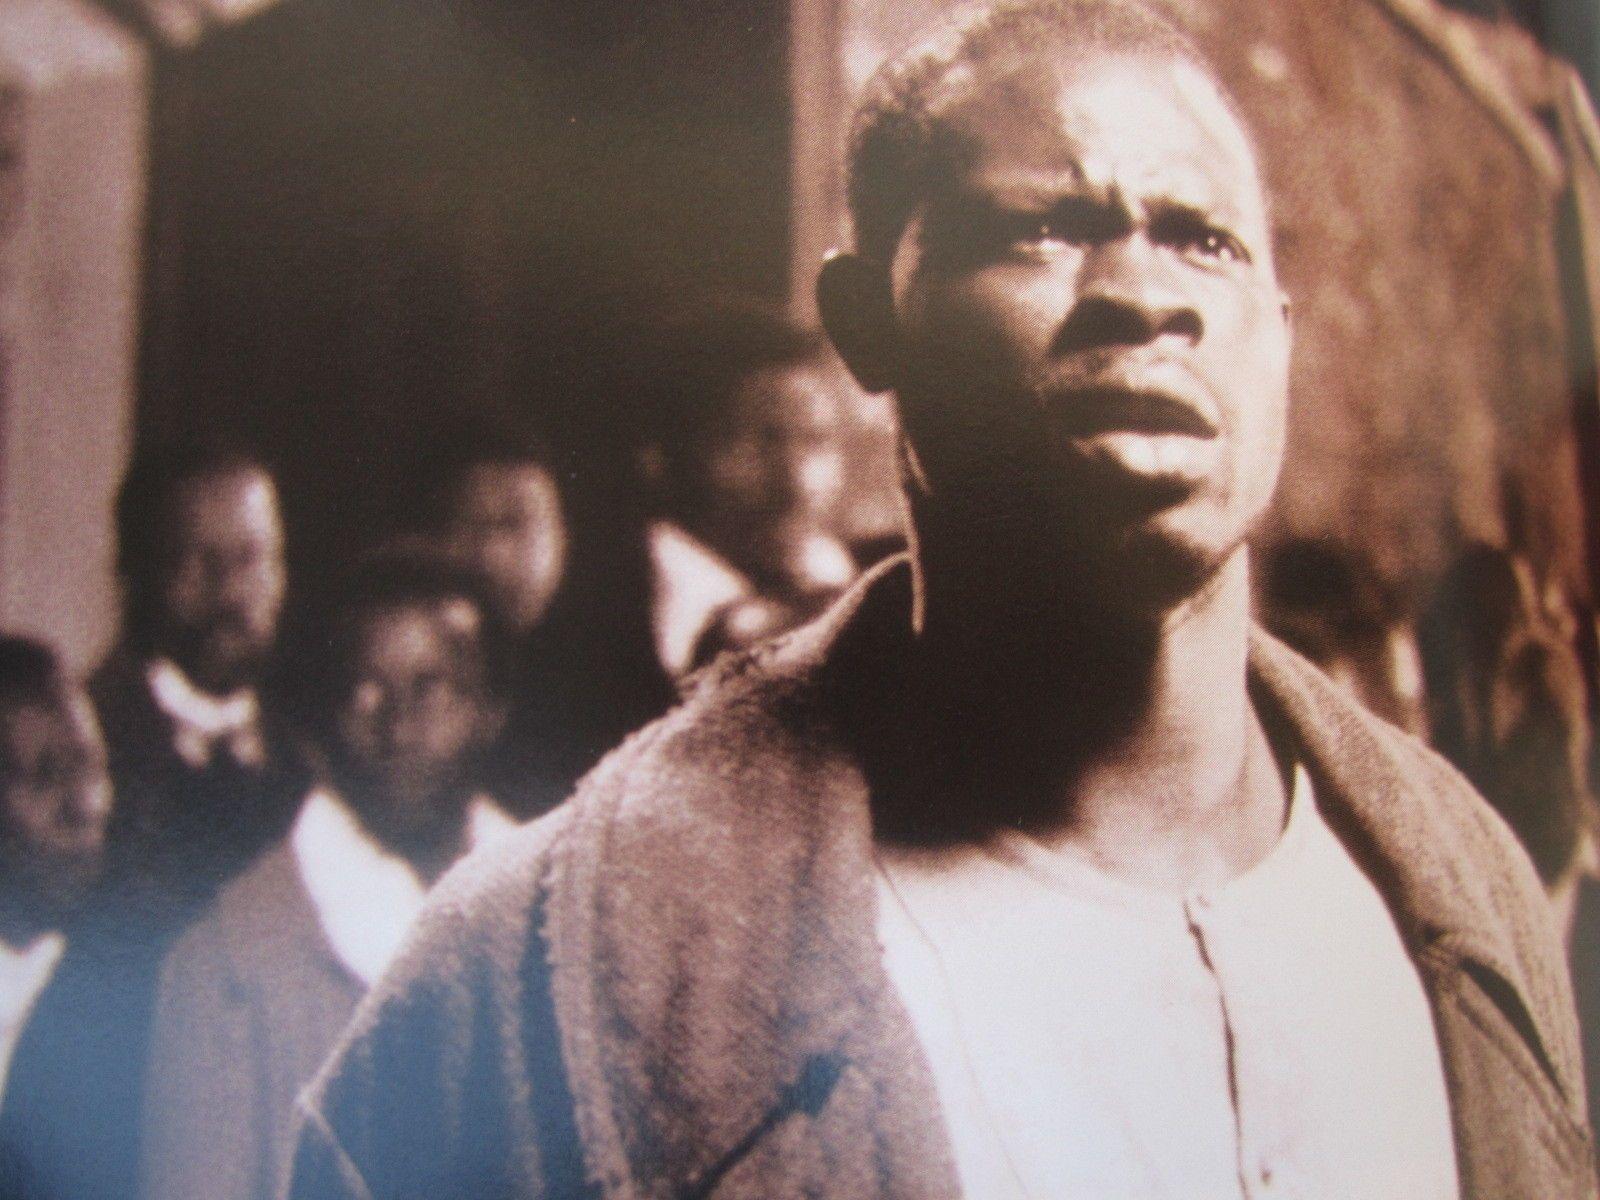 """@Bondamanjak : """"Défendons aux esclaves de s'attrouper le jour ou la nuit sous prétexte de noces"""" #Colbert #Esclavage #France #Abolitionofslavery @cnmhe @ComiteMarche98 @OIT #SlaveryAbolitionDay https://t.co/dXskK0vMXZ"""